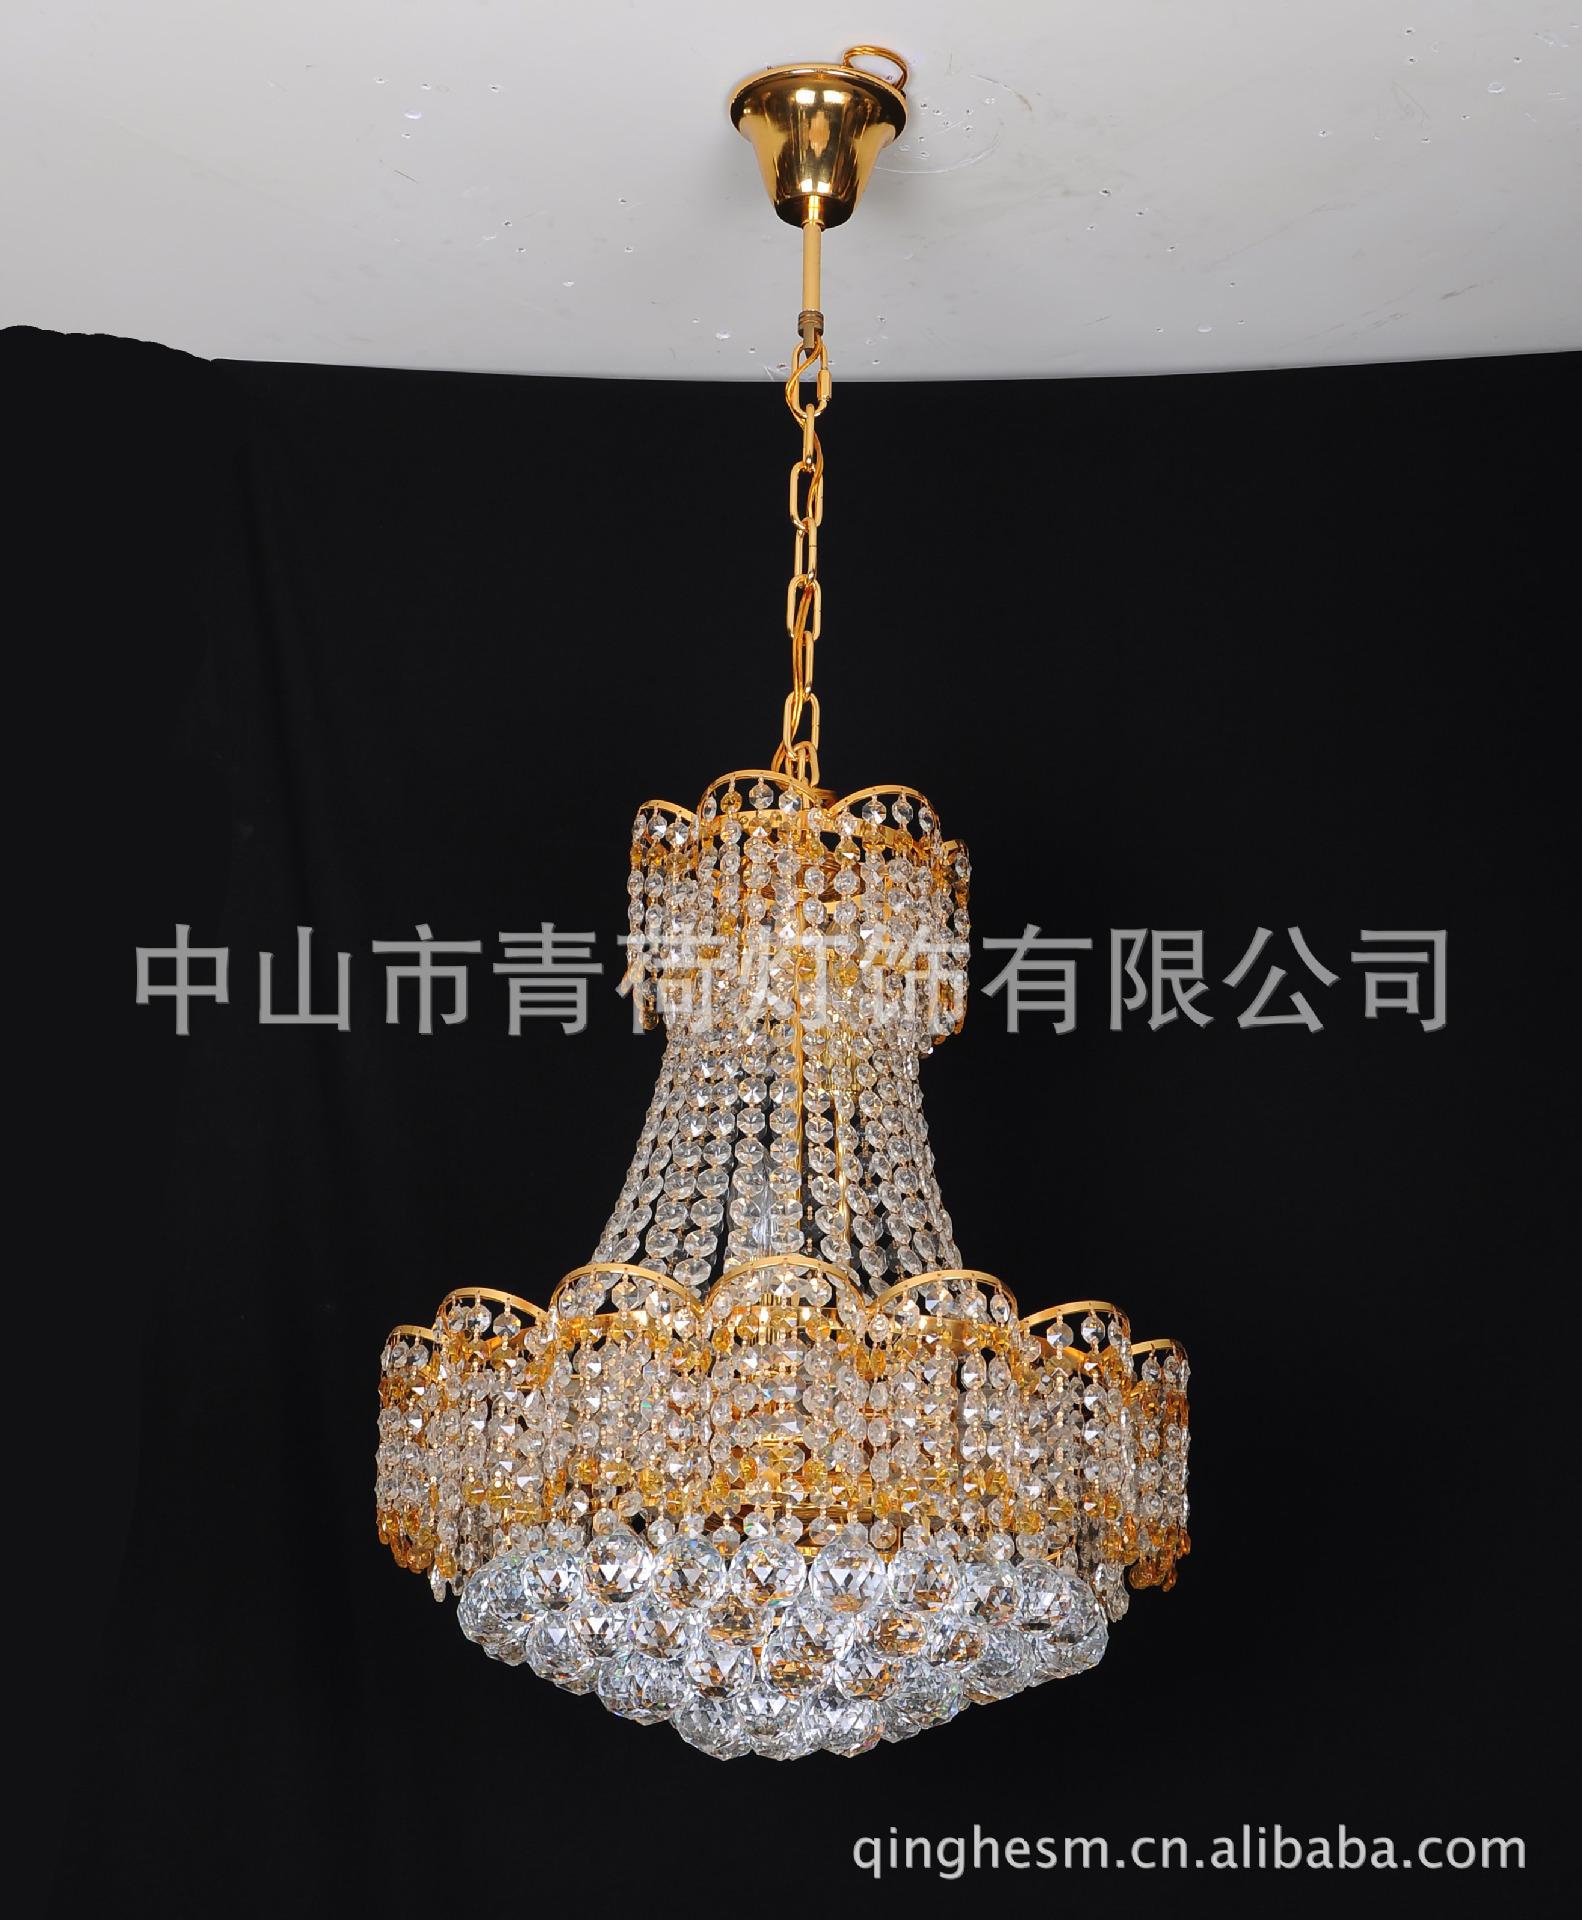 吊灯水晶灯湘菜莲花折页黄色菜谱造型棋牌室三客厅餐厅灯具图片